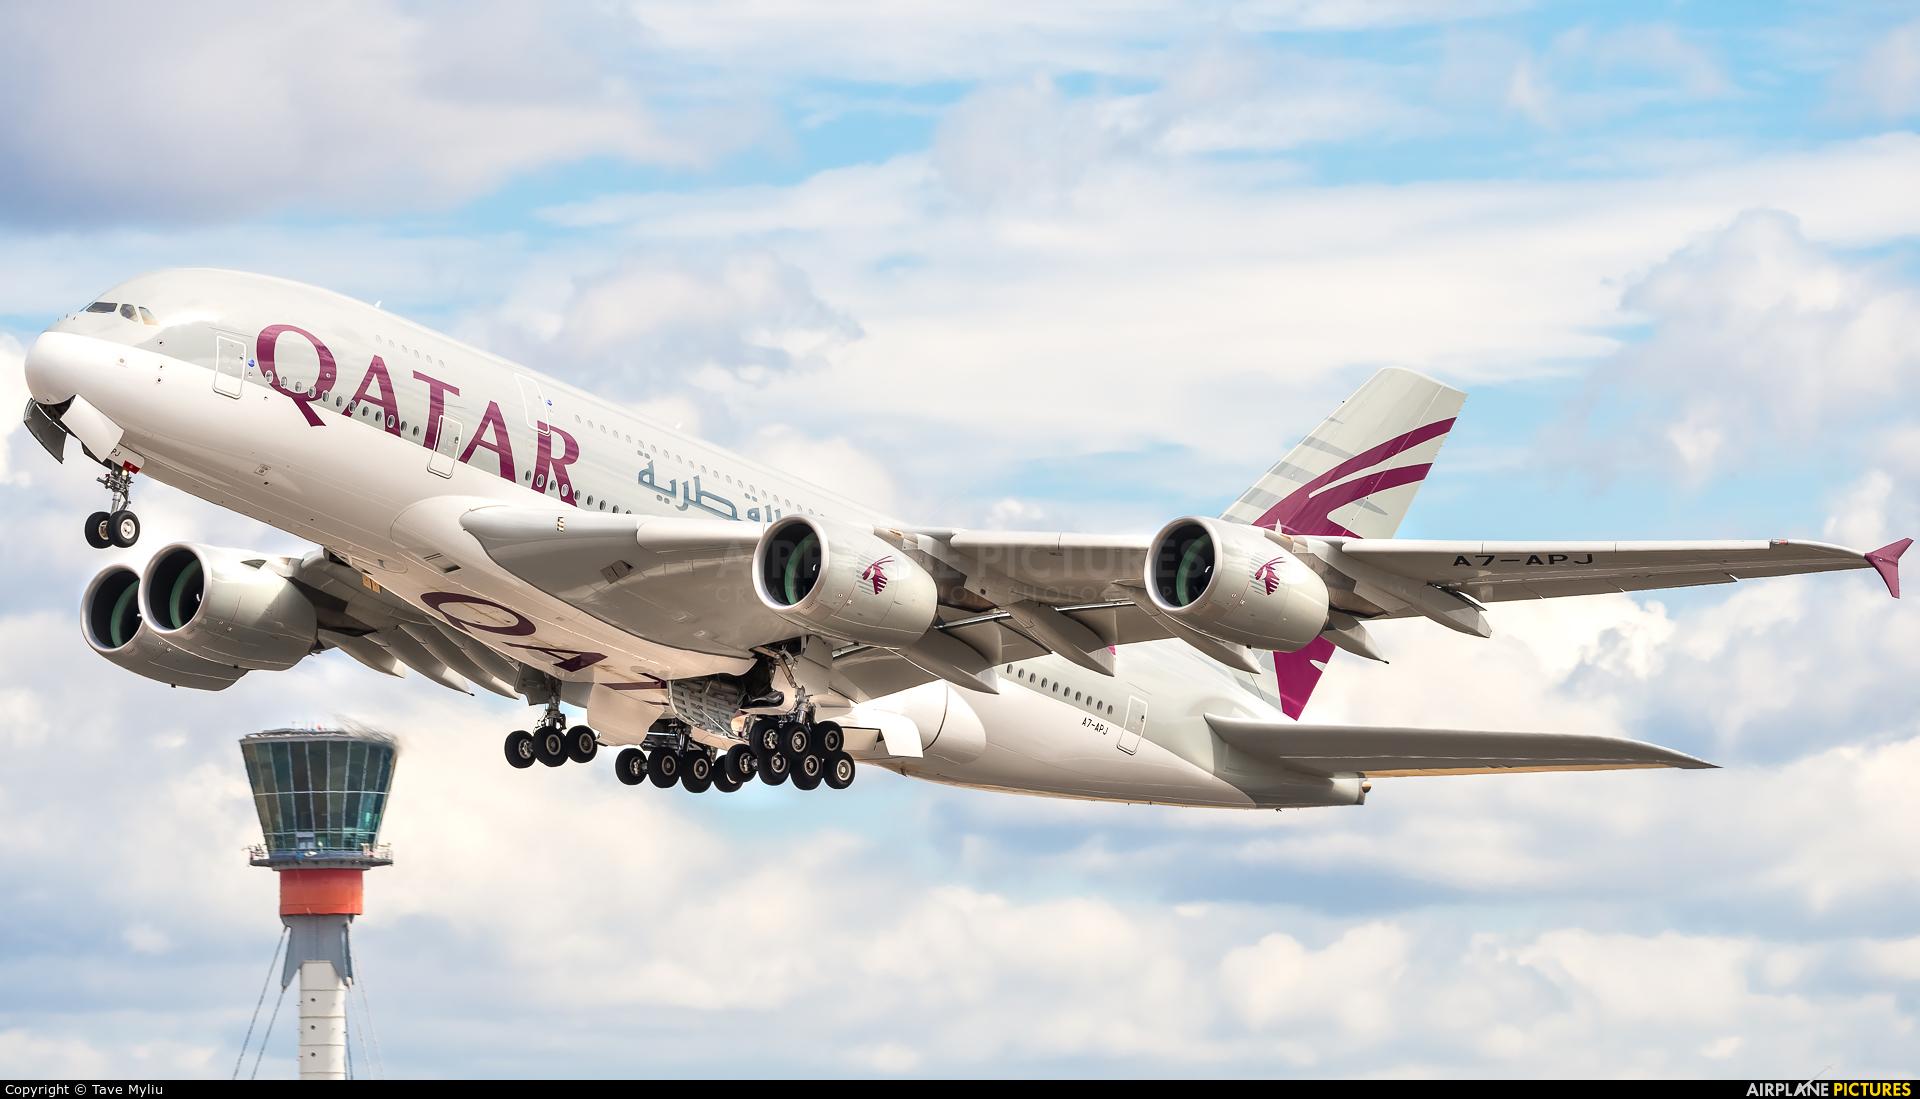 Qatar Airways A7-APJ aircraft at London - Heathrow